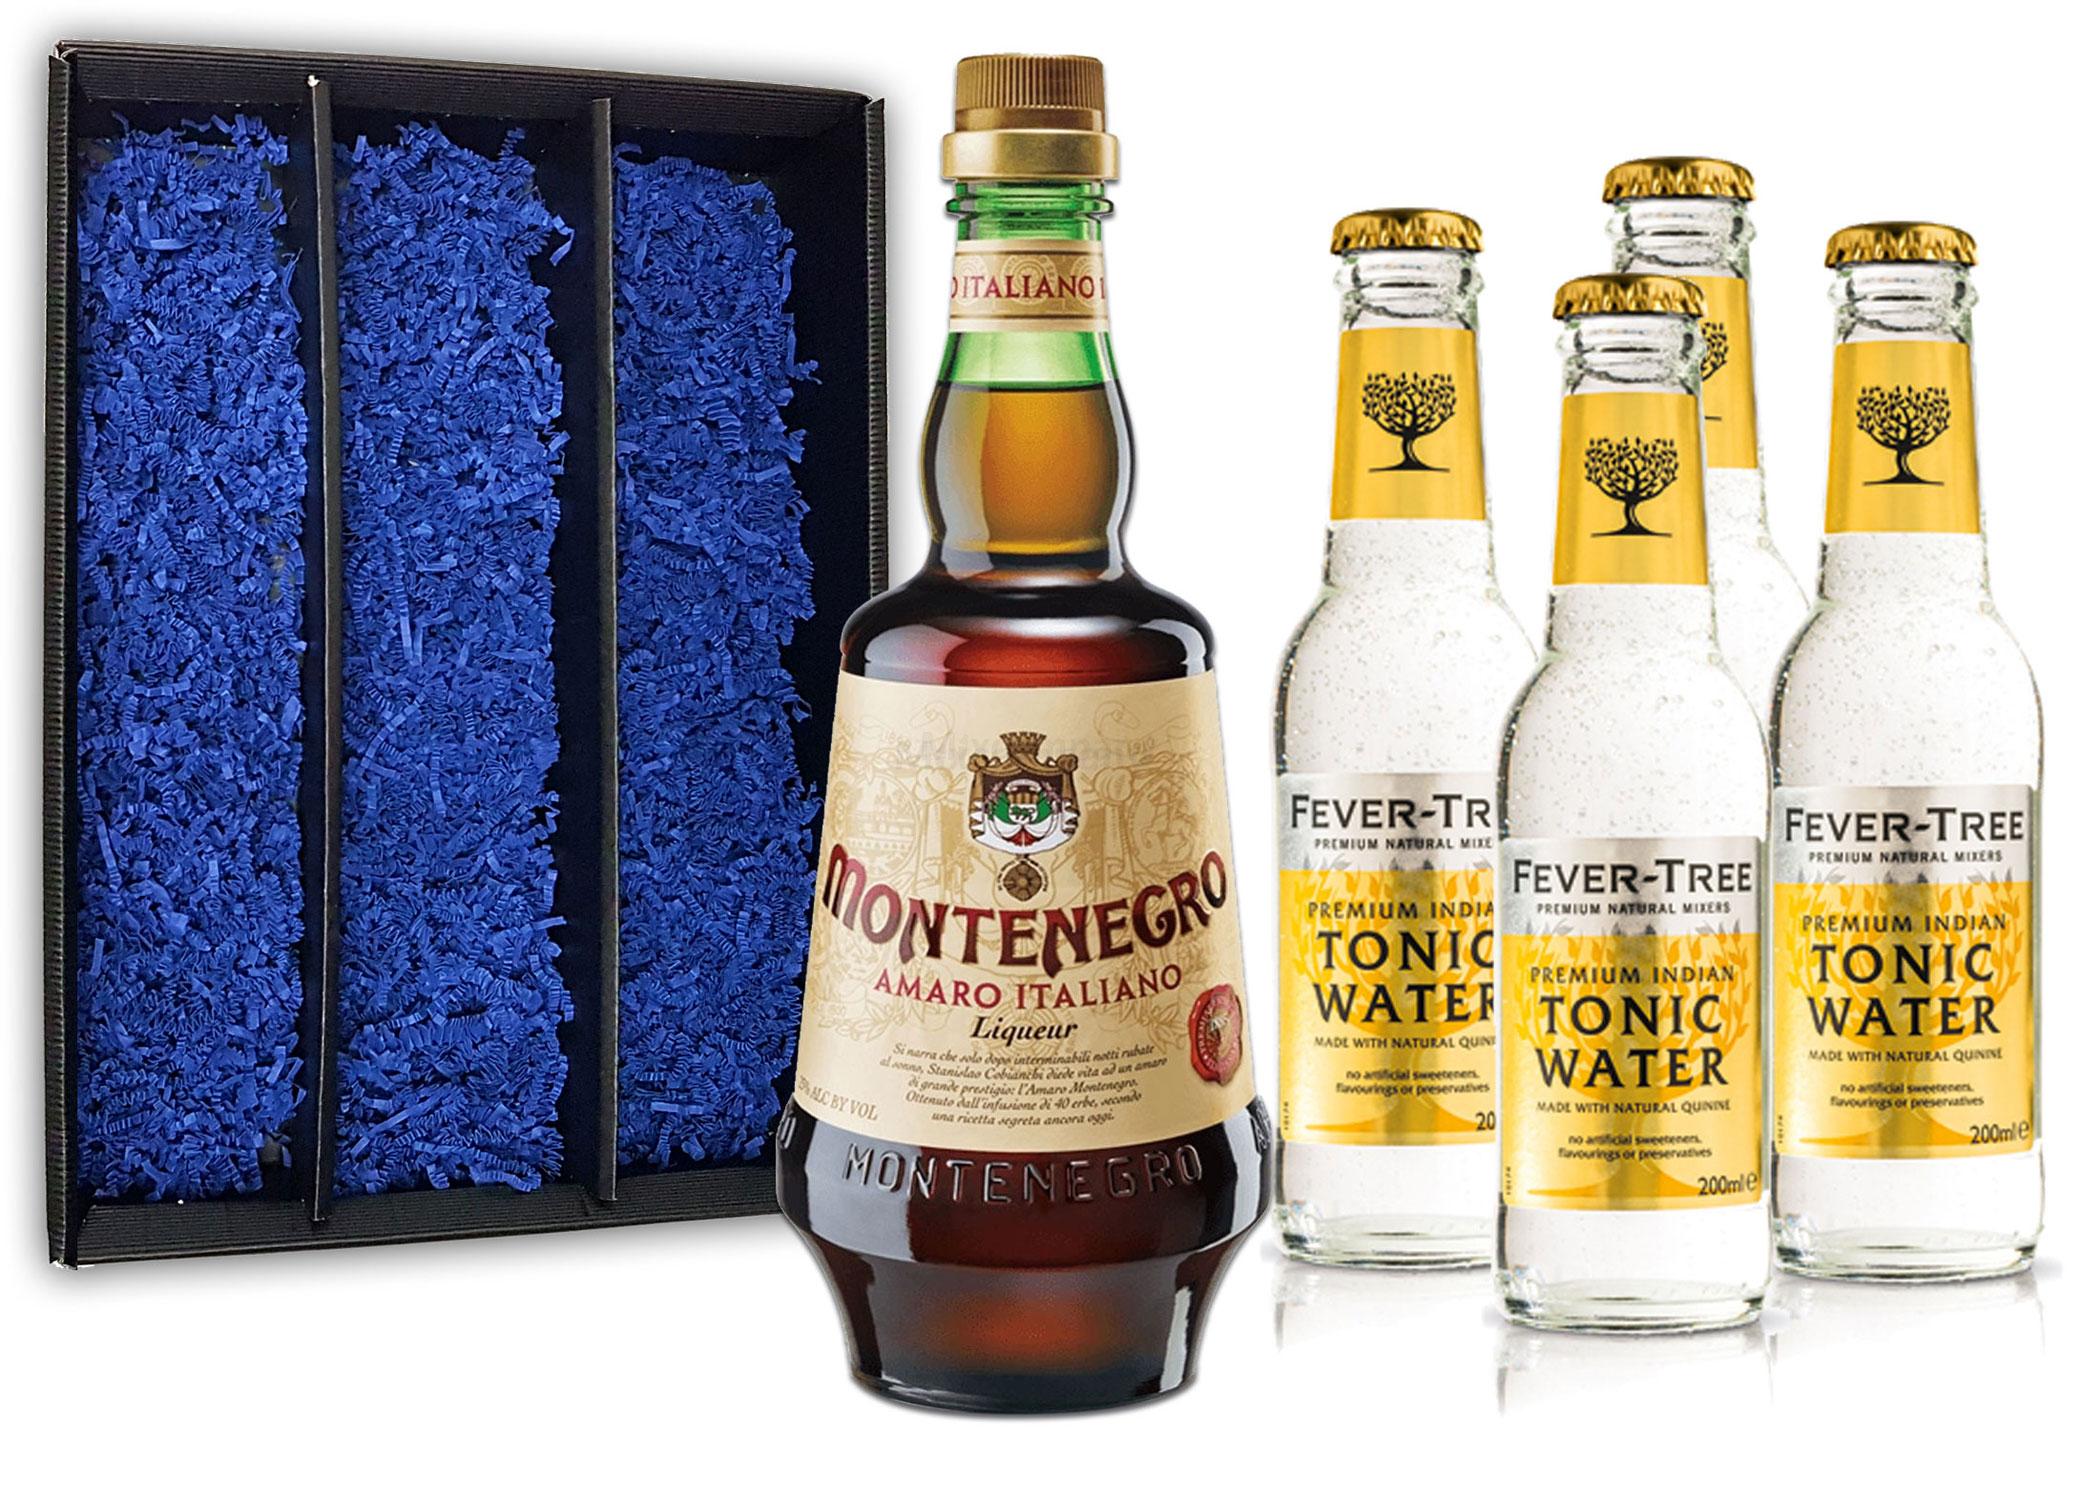 Montenegro & Tonic Geschenkset - Montenegro Amaro Italiano Likör 0,7L (23% Vol) + 4x Fever-Tree Tonic Water 200ml inkl. Pfand MEHRWEG